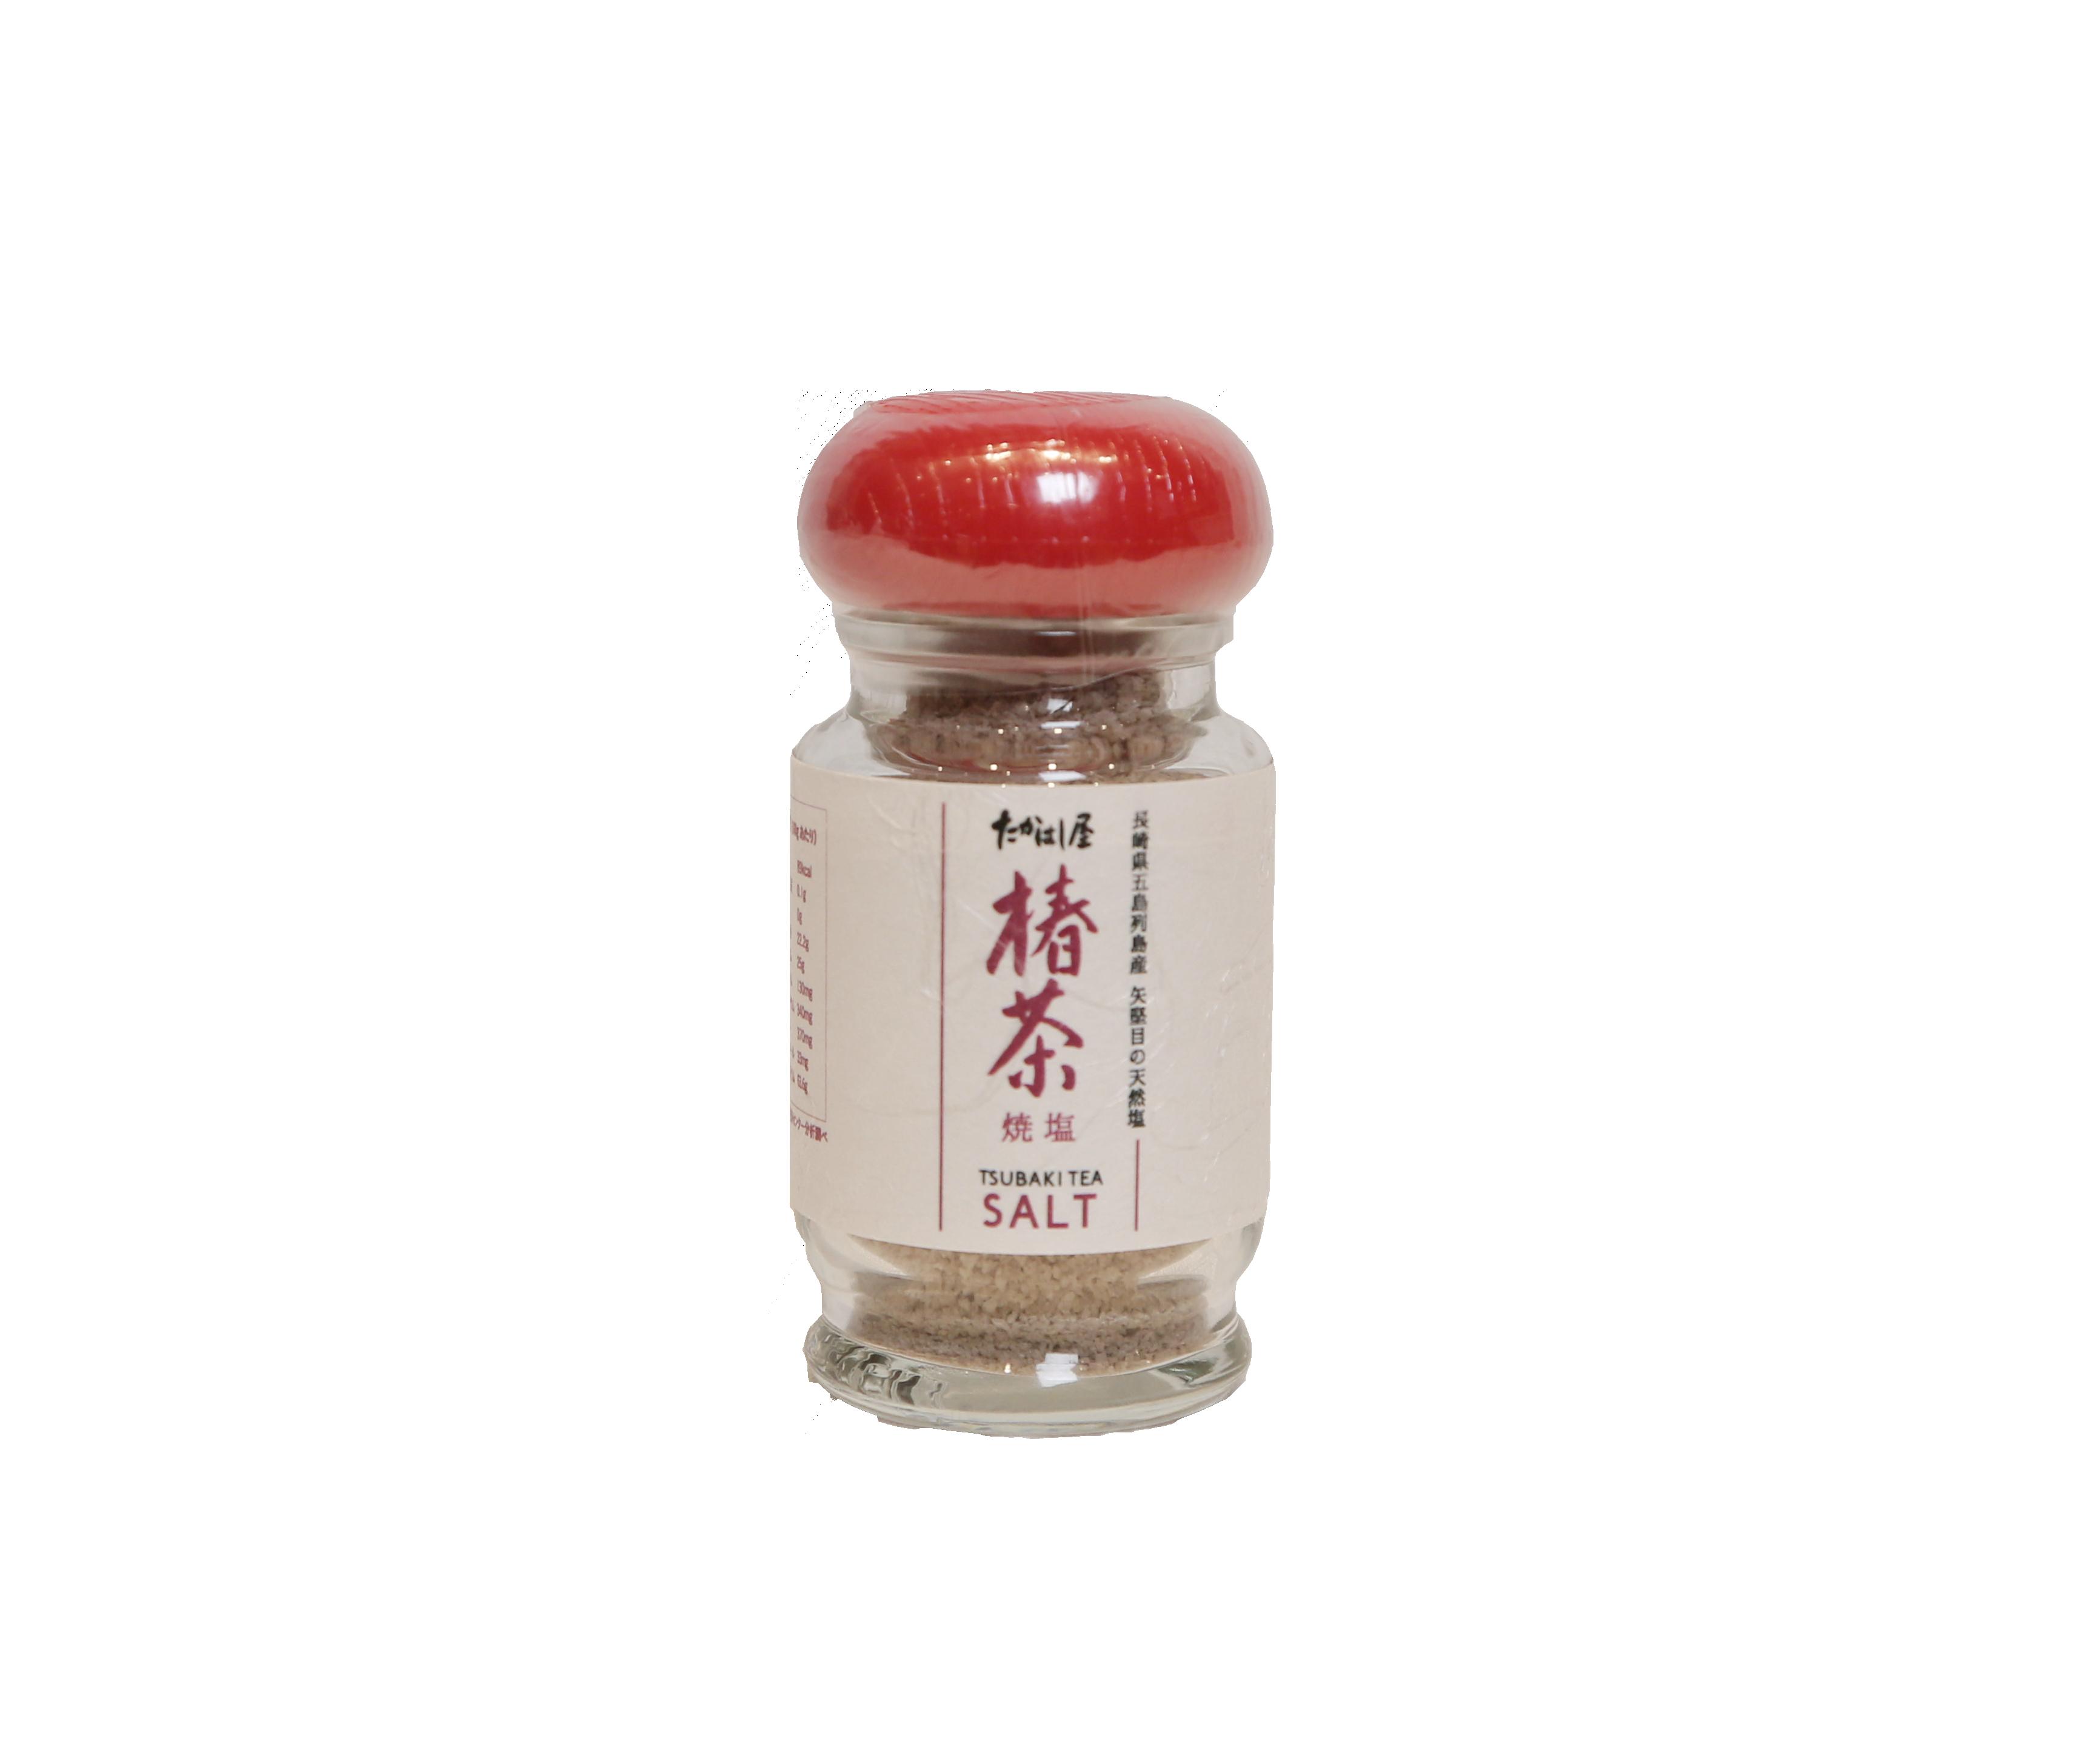 五島の塩 椿茶塩 50g 【たかはし屋】